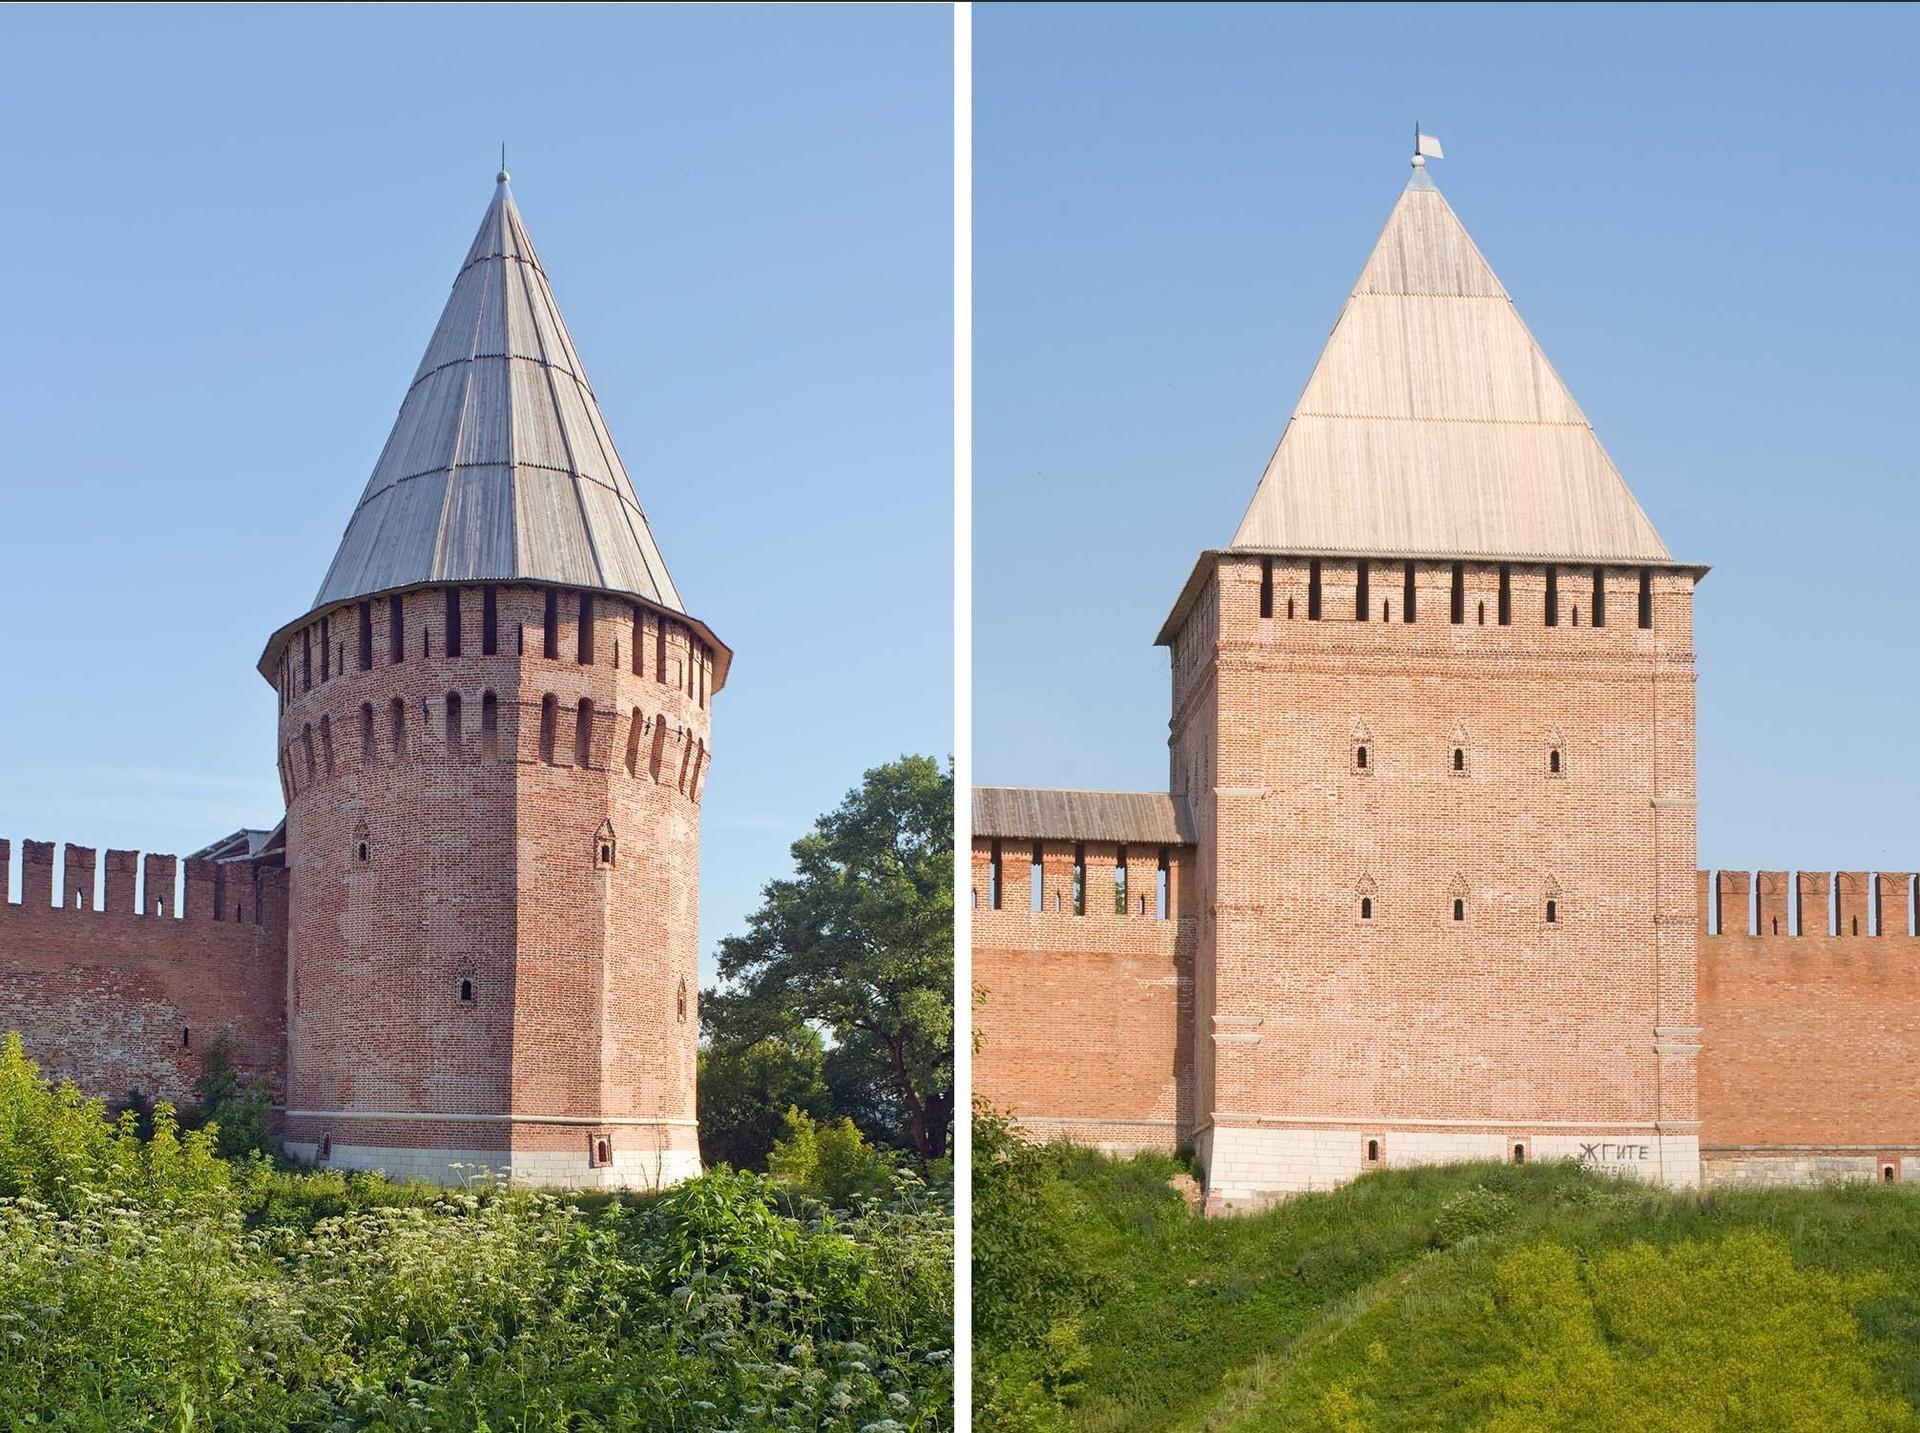 A sinistra: Cittadella di Smolensk. Angolo sud-est con la Torre dell'Altare (Belukha). A destra: Muro est con la Torre Avraamij. Facciata est. 1° luglio 2014